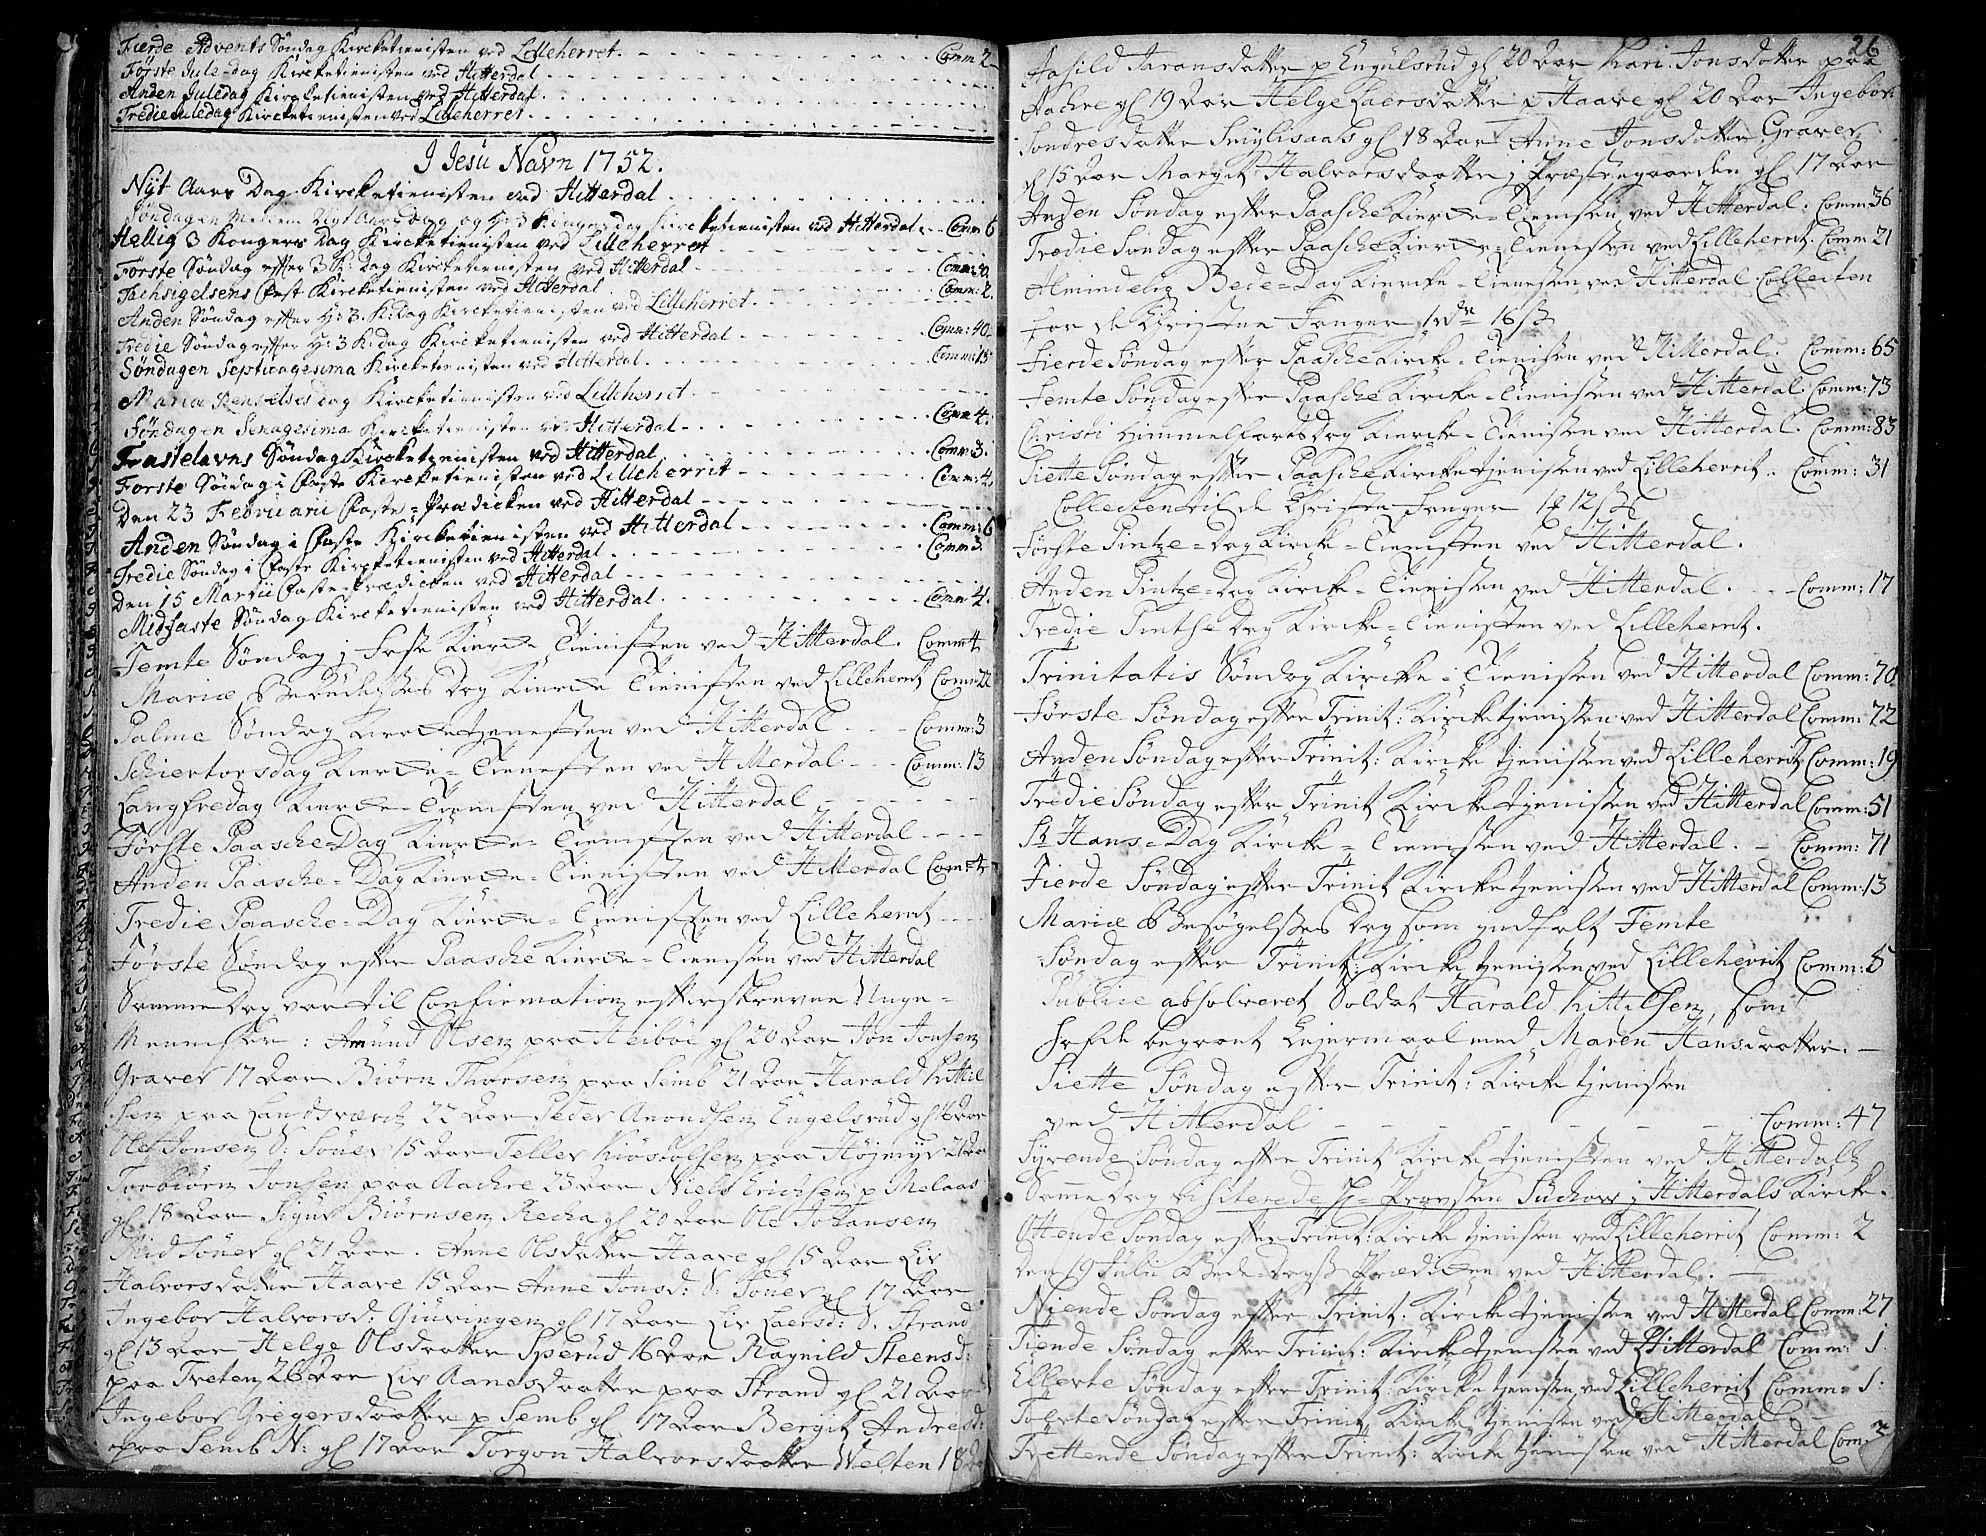 SAKO, Heddal kirkebøker, F/Fa/L0003: Ministerialbok nr. I 3, 1723-1783, s. 26